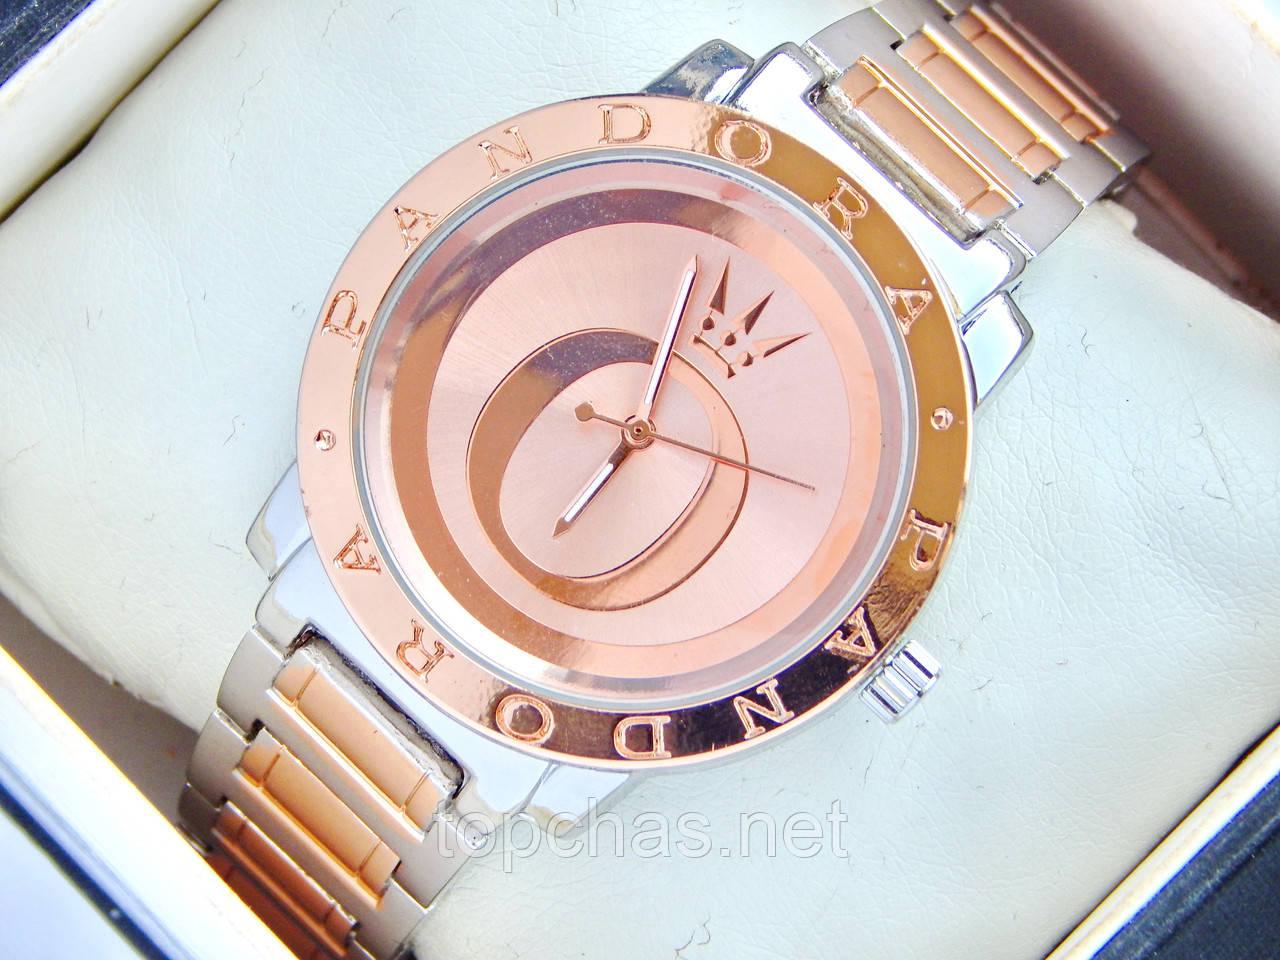 Женские часы Pandora с буквой О на циферблате, двухцветные - Top Chas -  Интернет магазин f1a609fc574